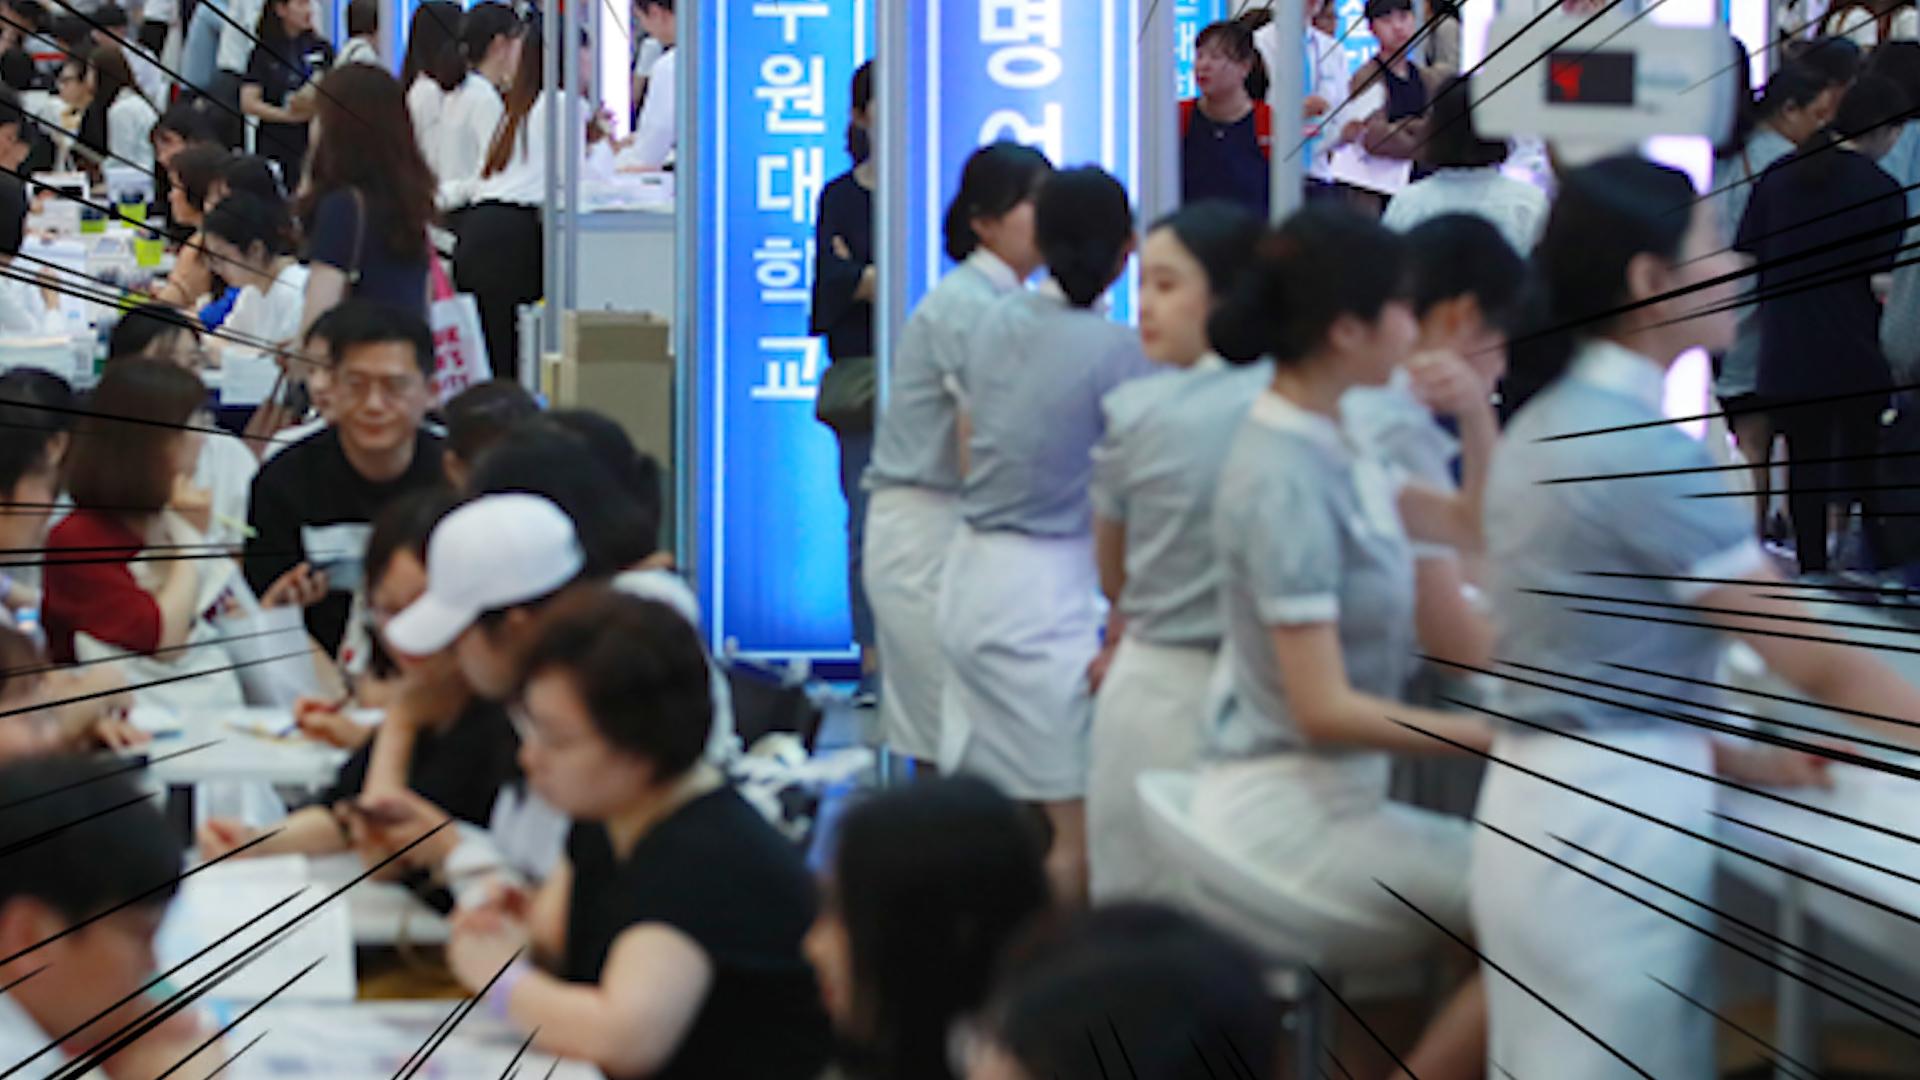 '자율' 강조한 3차 대학기본역량진단, 지방대학만 '숨통 조이기'